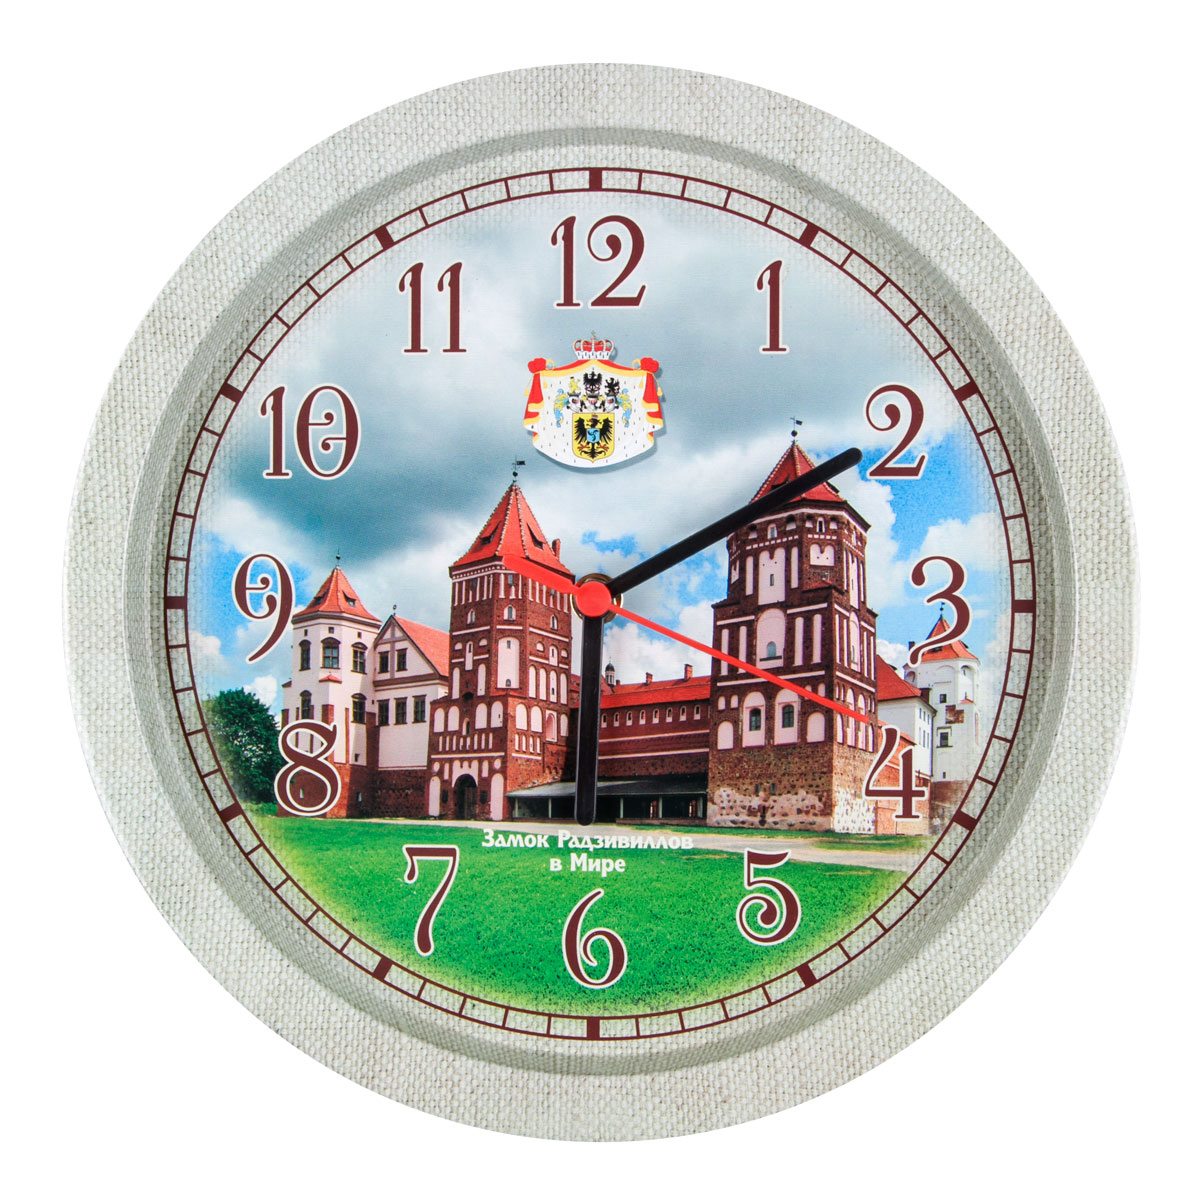 Часы настенные Miolla ЗамокN03351Оригинальные настенные часы круглой формы выполнены из стали. Часы имеют три стрелки - часовую, минутную и секундную и циферблат с цифрами. Необычное дизайнерское решение и качество исполнения придутся по вкусу каждому. Диаметр часов: 33 см.Часы работают от 1 батарейки типа АА напряжением 1,5 В.